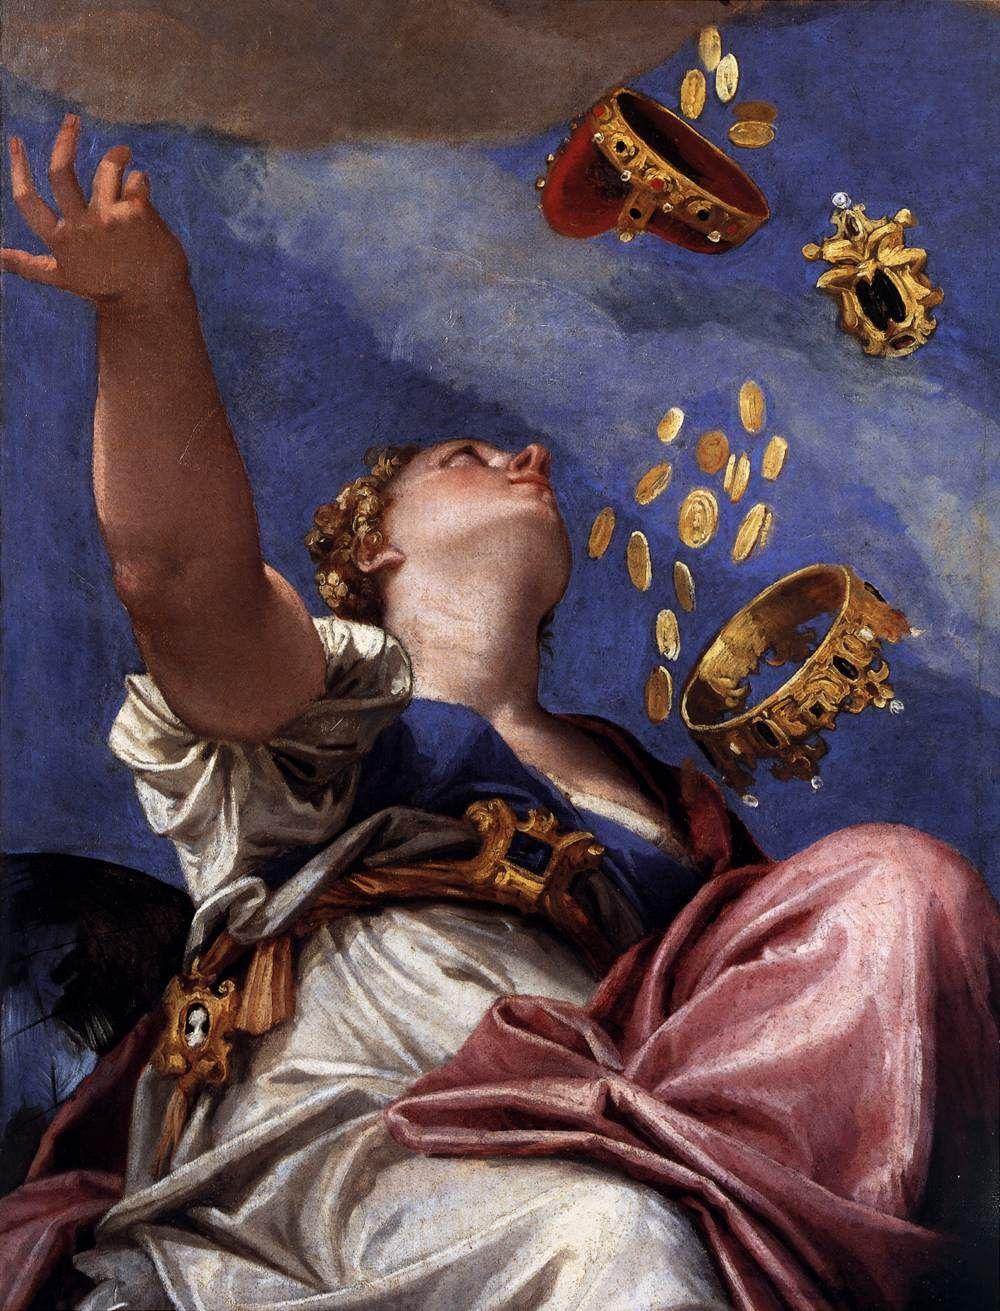 Paolo Veronese, Giunone versa doni su Venezia (dettaglio), 1553-1556, Venezia, Palazzo Ducale